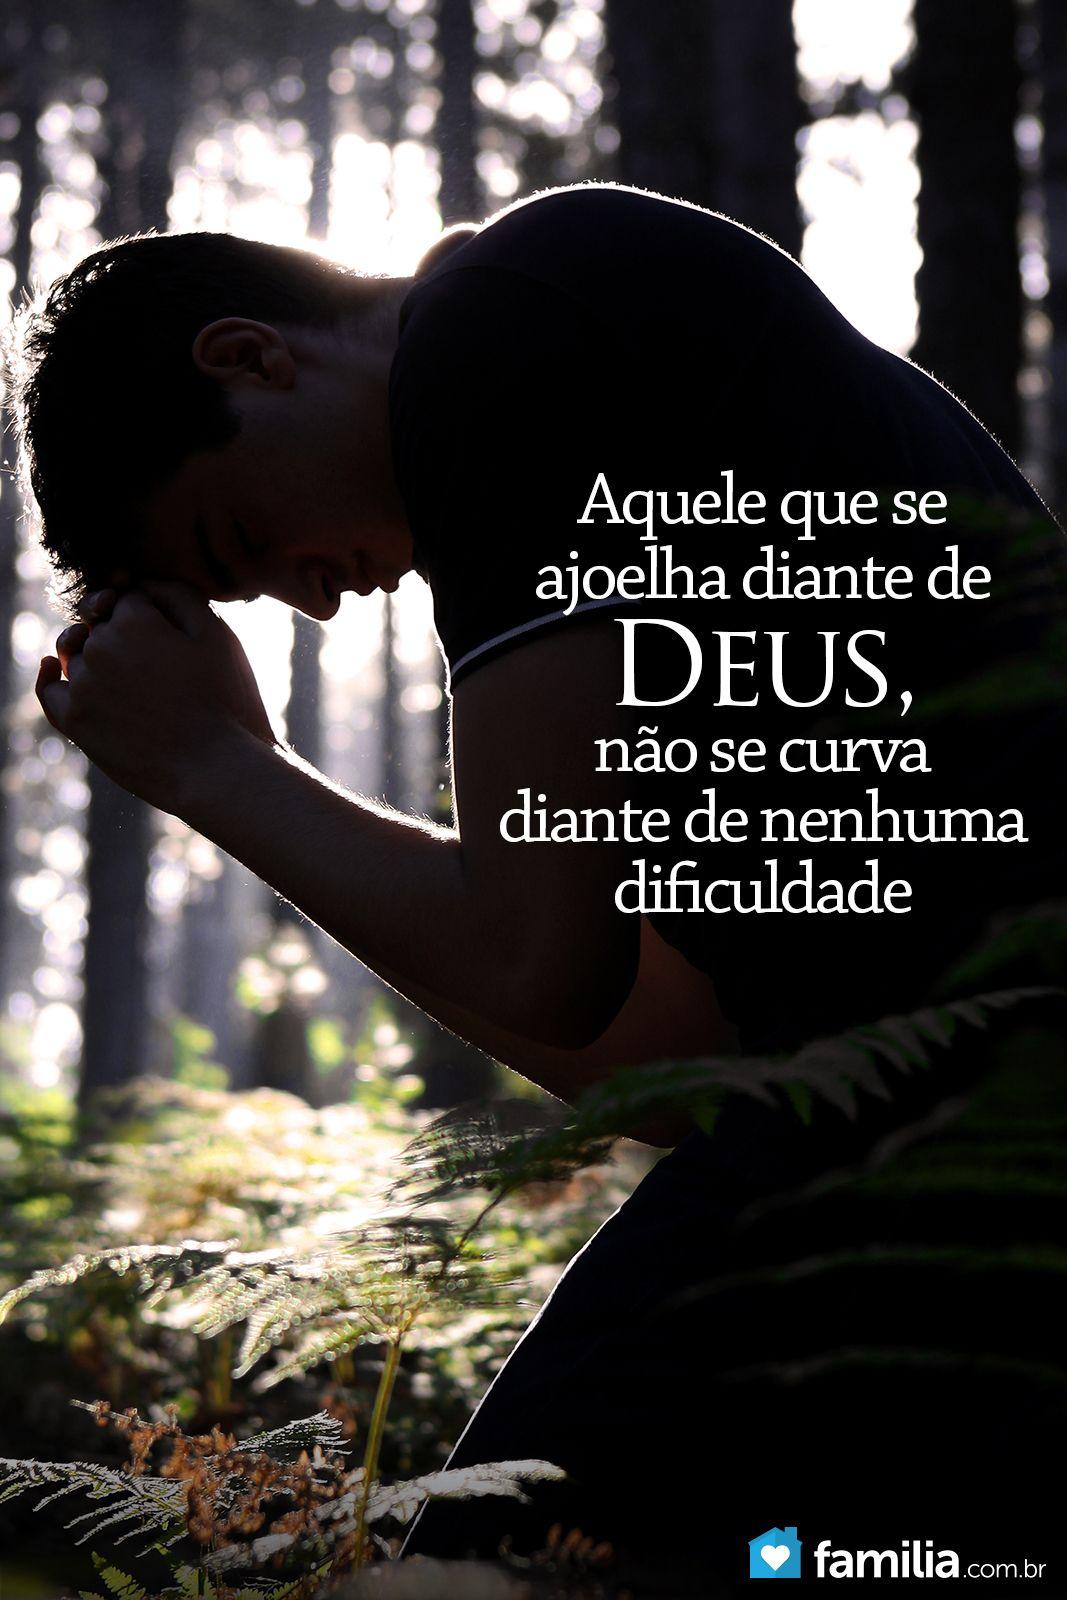 Aquele que se ajoelha diante de Deus, nao se curva diante de nenhuma dificuldade!